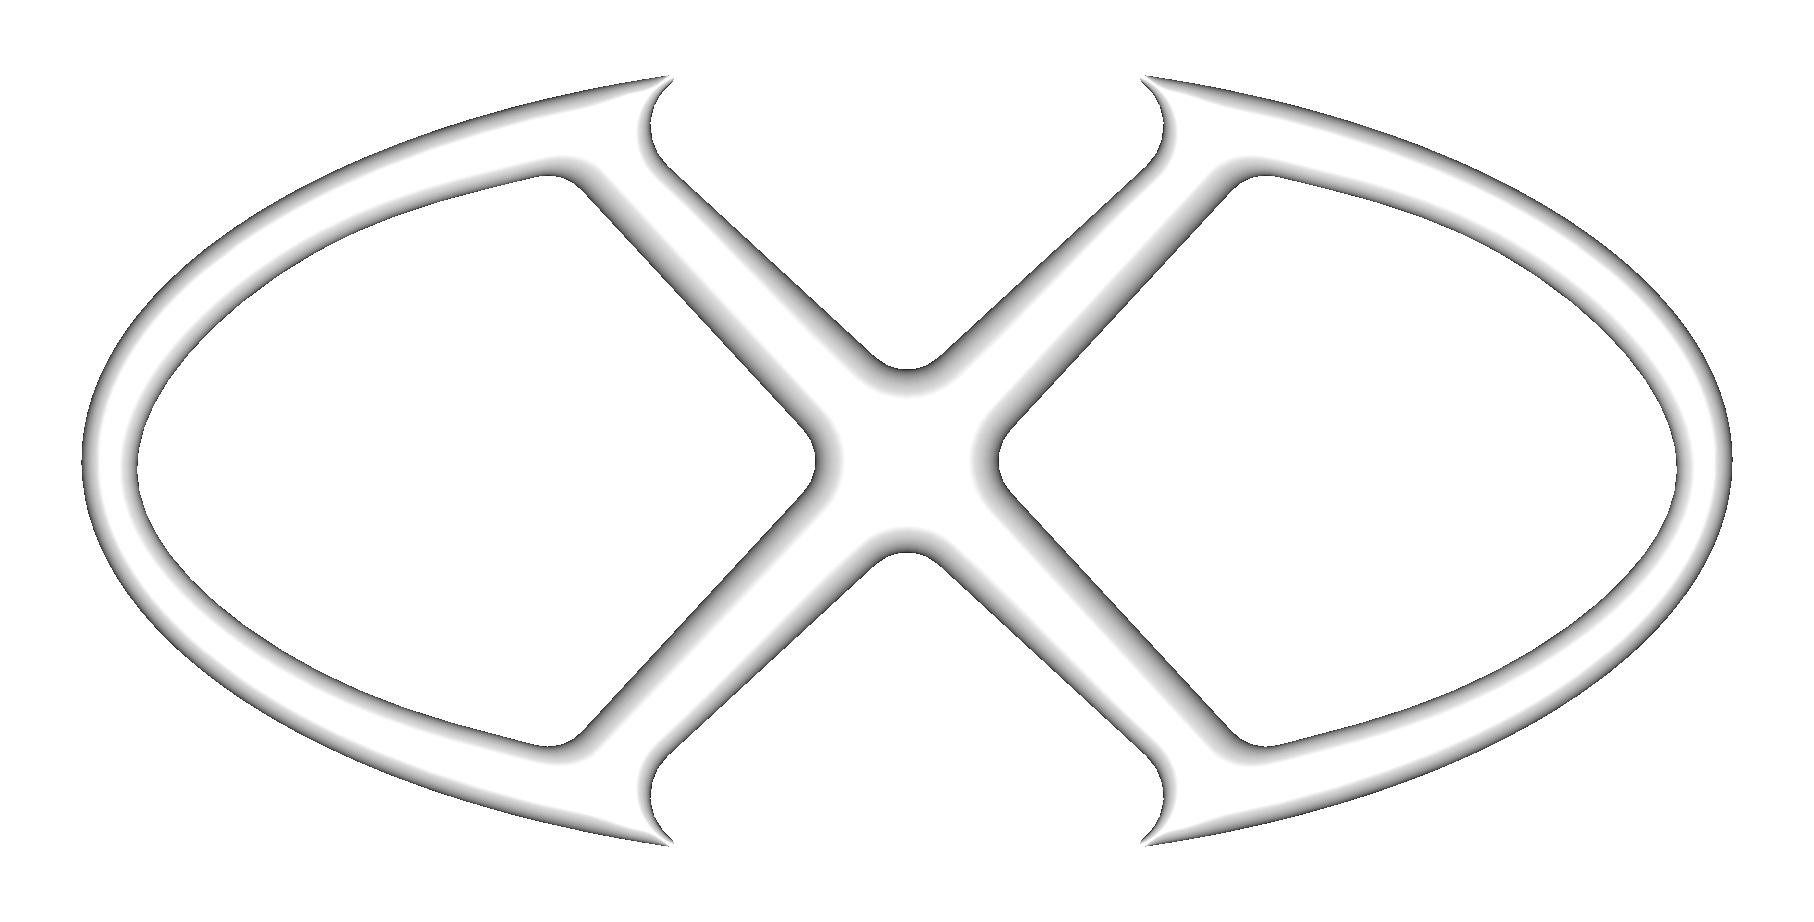 S13 Front Frame Repair